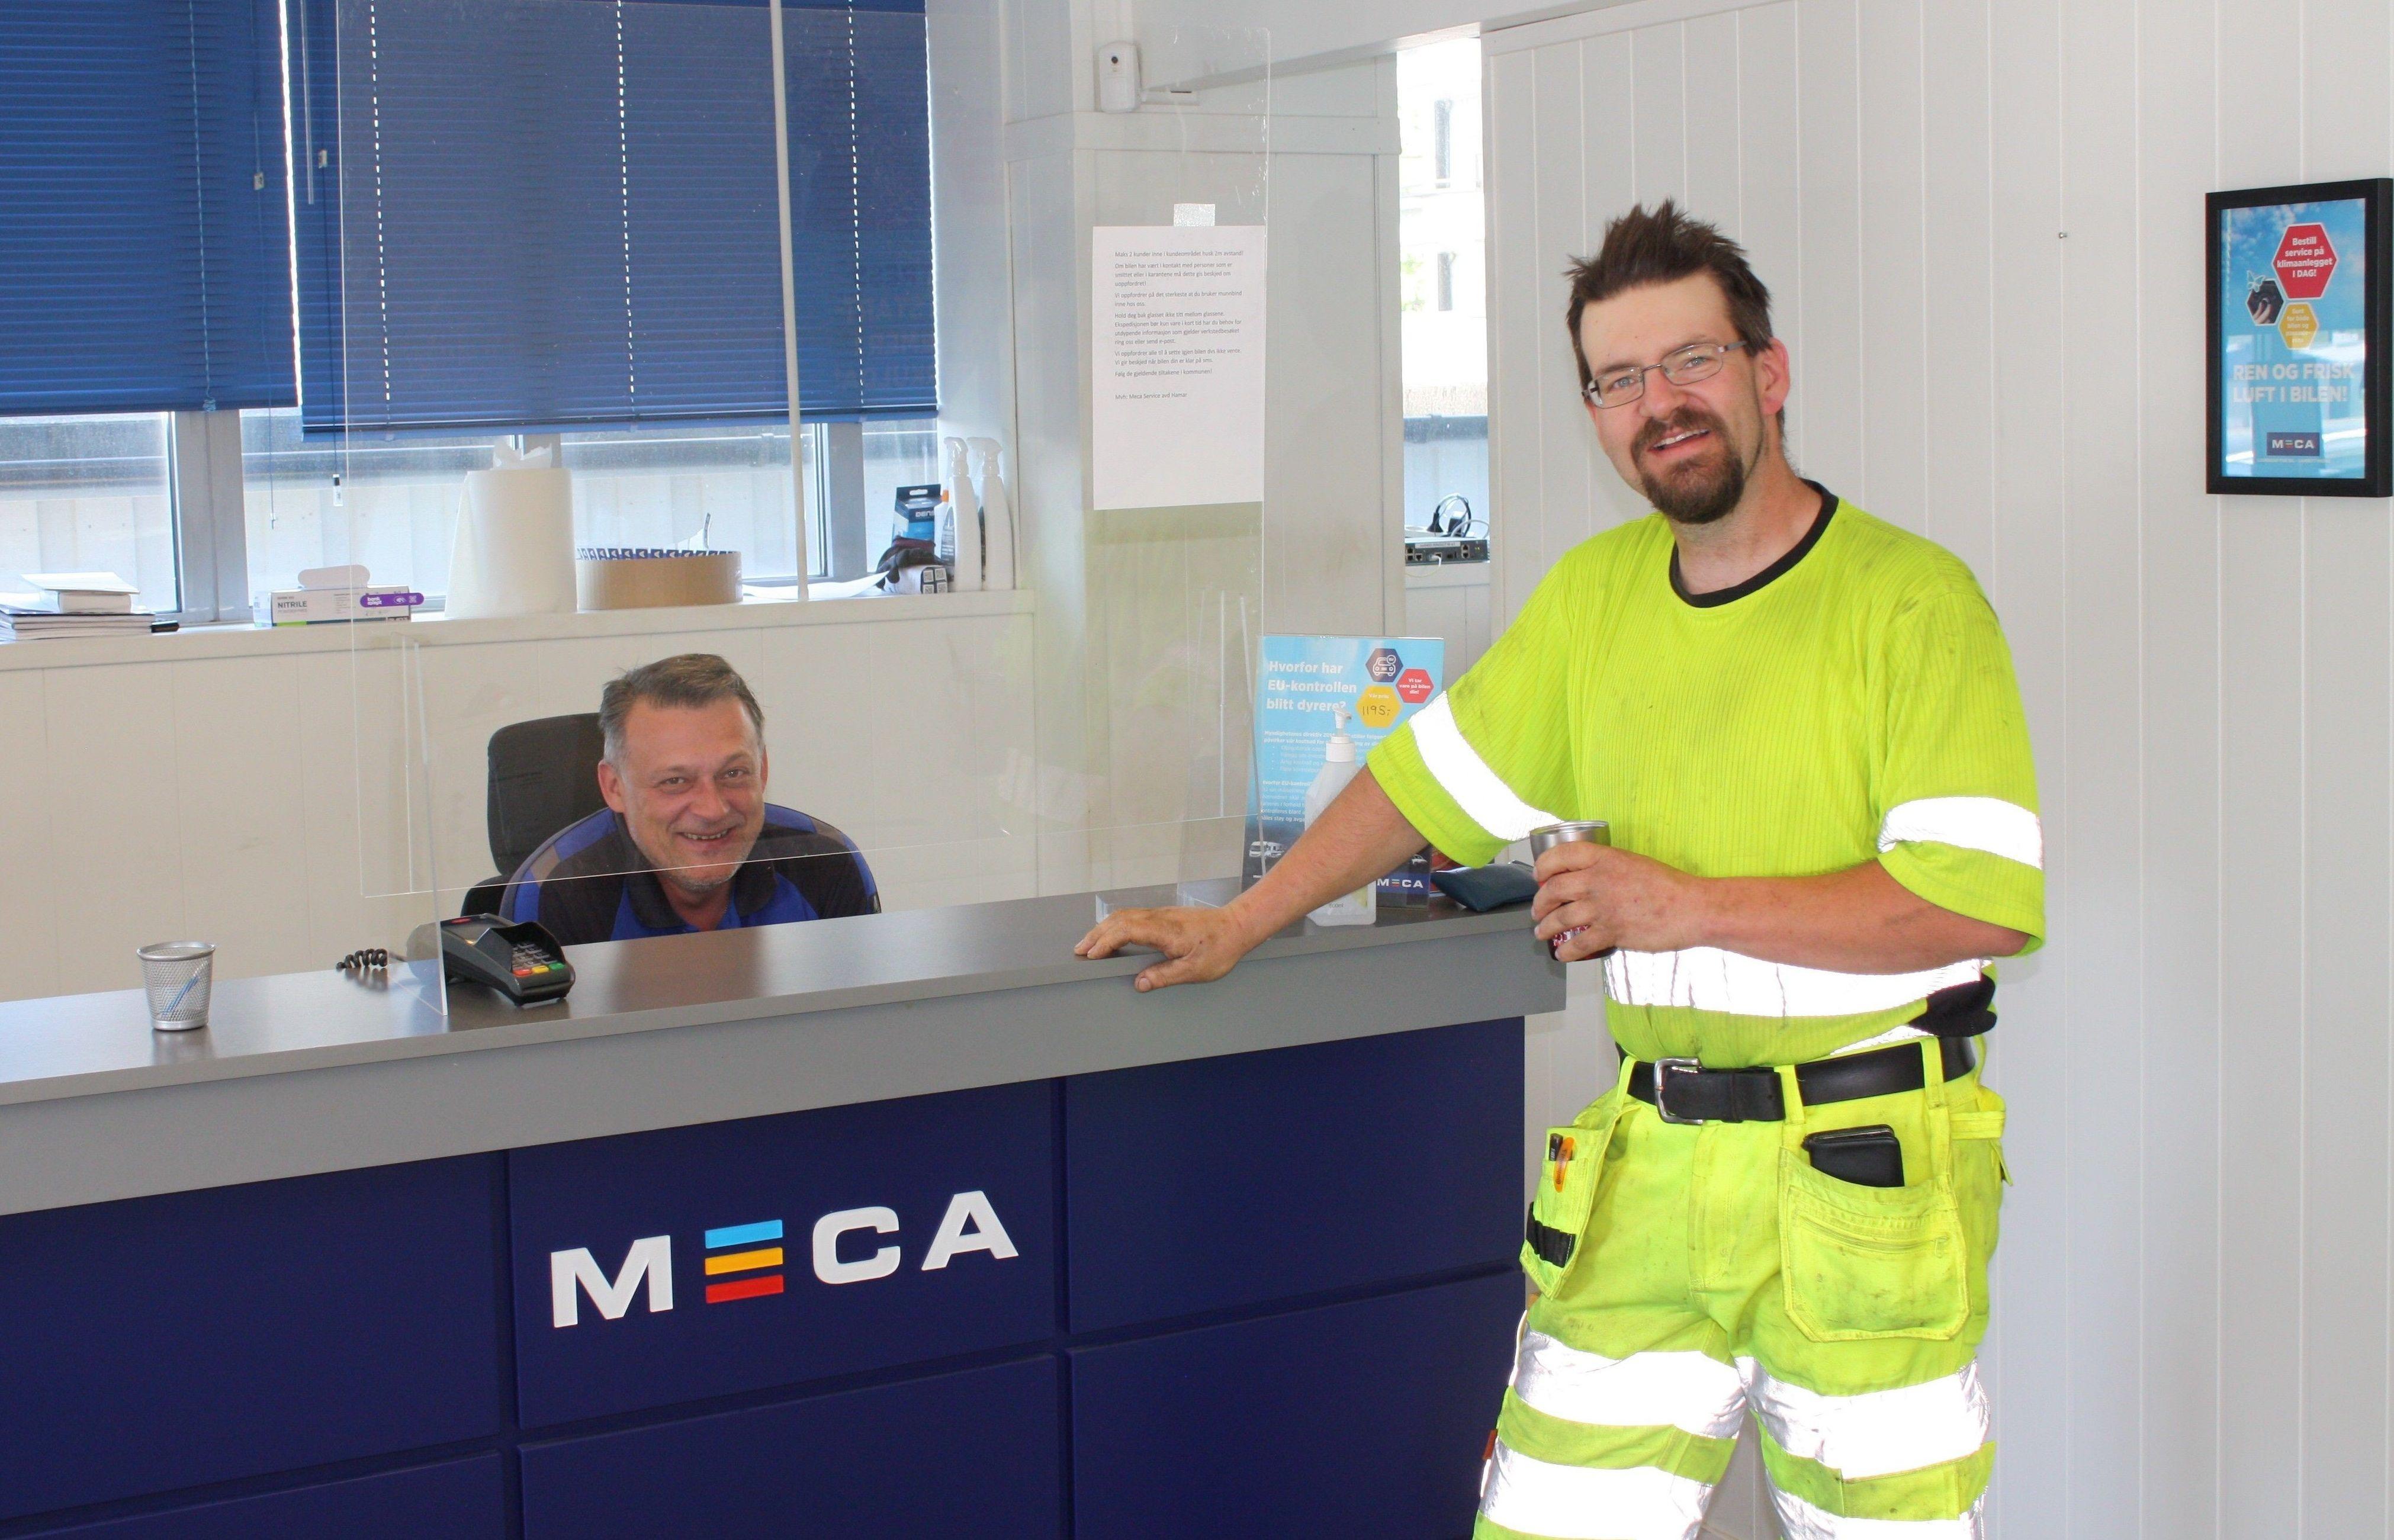 FORNØYD: Hans Håkon Mytting slår av en prat med avdelingsleder på Meca Service Hamar, Christian Klaus.